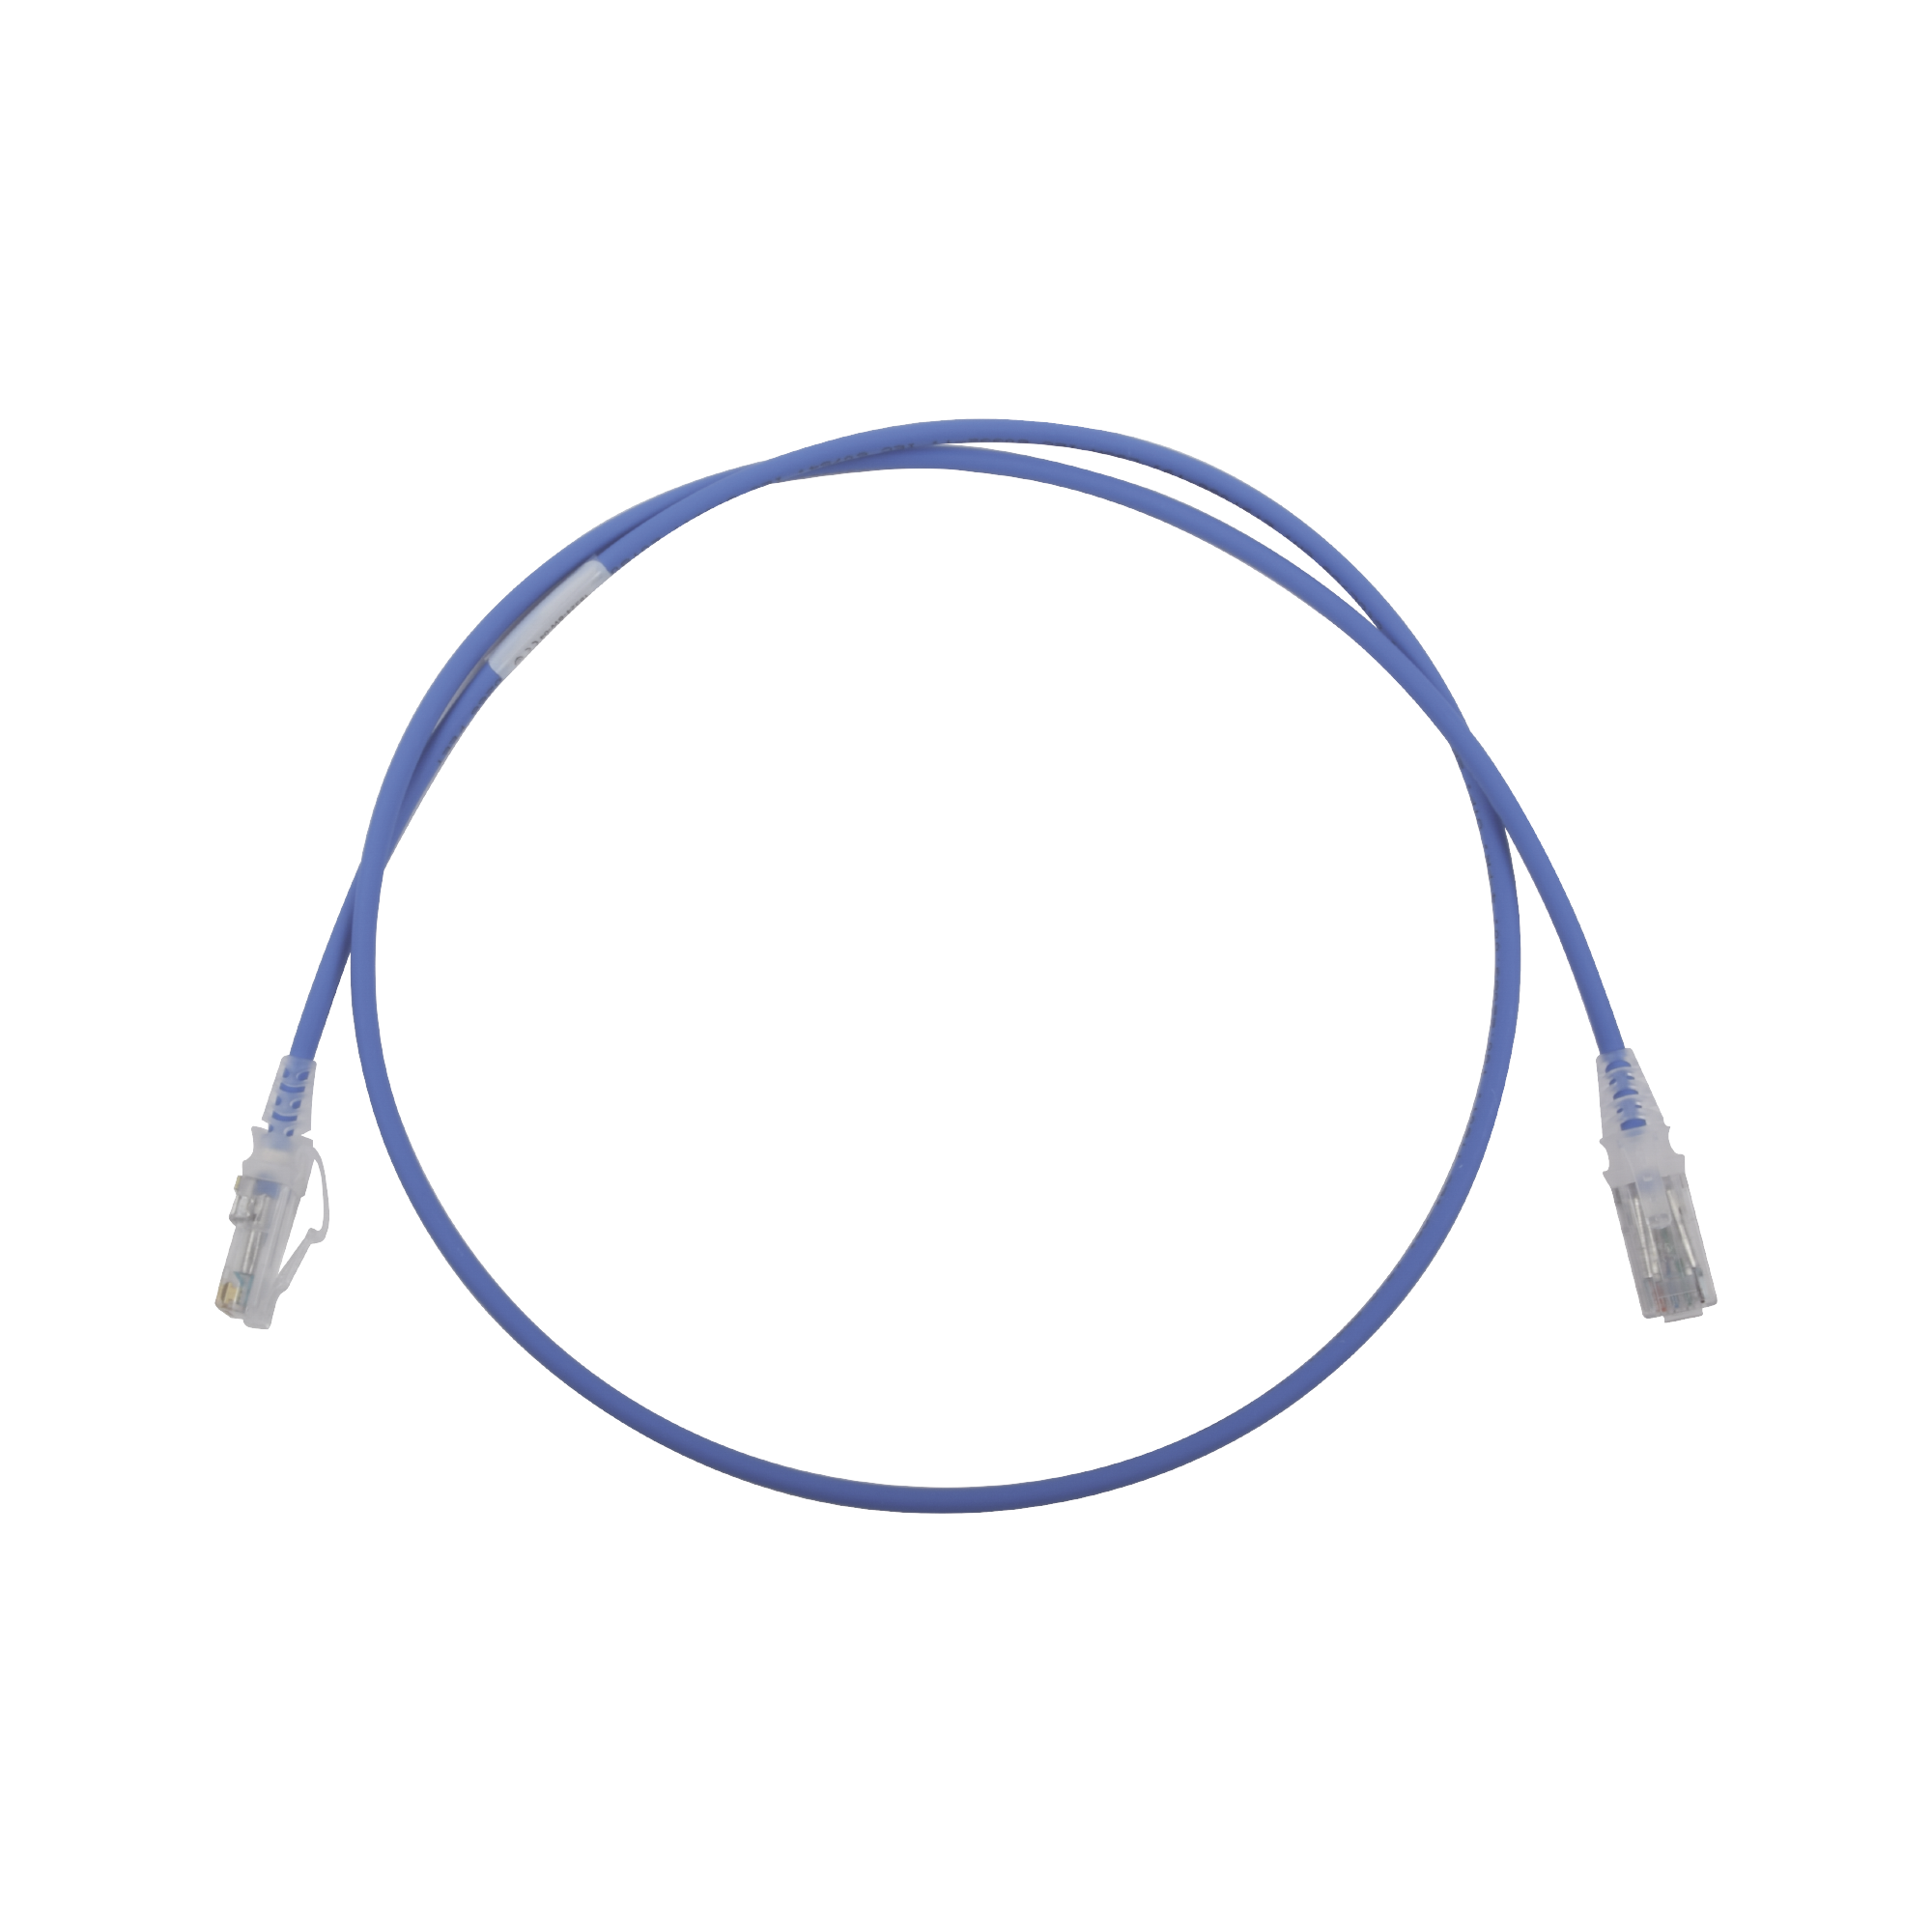 Patch Cord MC6 Modular Cat6 UTP, CM/LS0H, 3ft, Color Azul, Diámetro Reducido (28AWG)